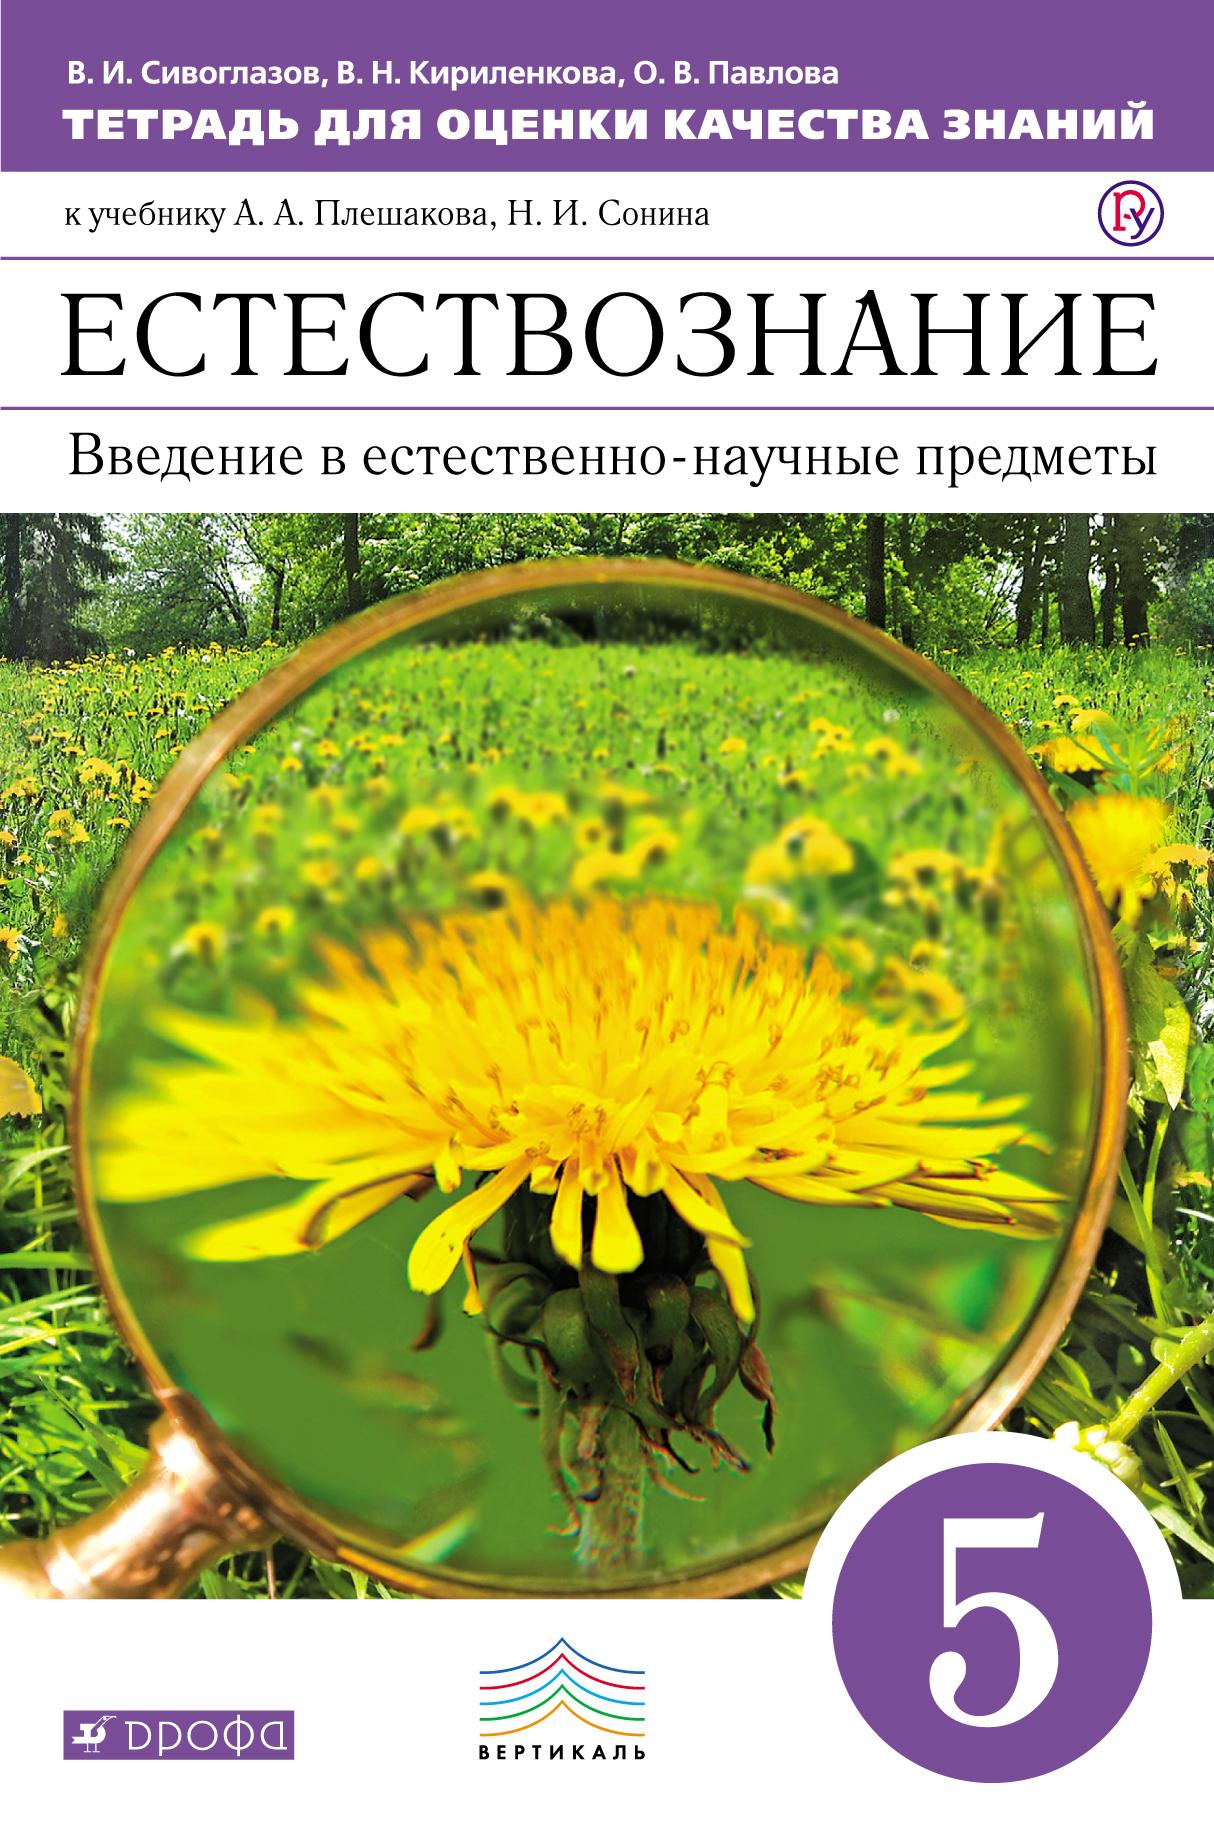 Естествознание. Введение в естественно-научные предметы. 5 класс. Тетрадь для оценки качества знаний